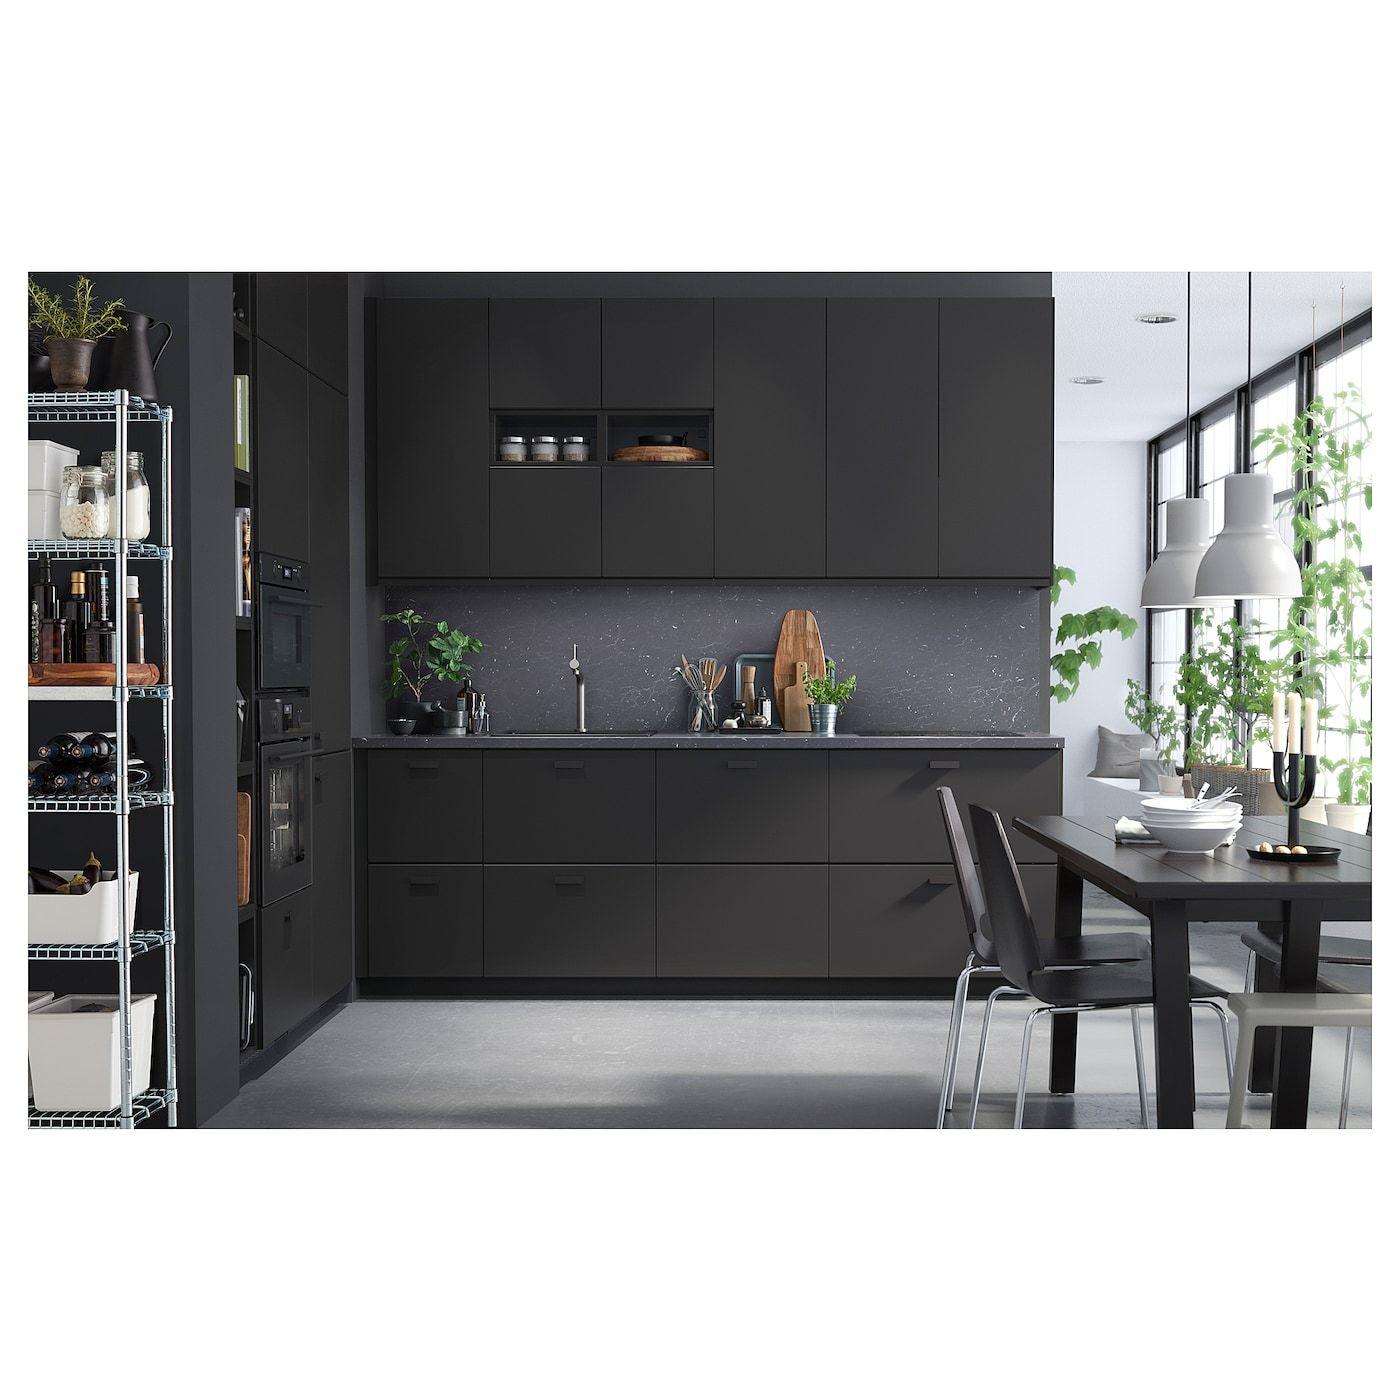 Saljan Arbeitsplatte Schwarz Marmoriert Laminat Ikea Osterreich In 2020 Black Ikea Kitchen Kitchen Cabinet Remodel Kitchen Design Trends